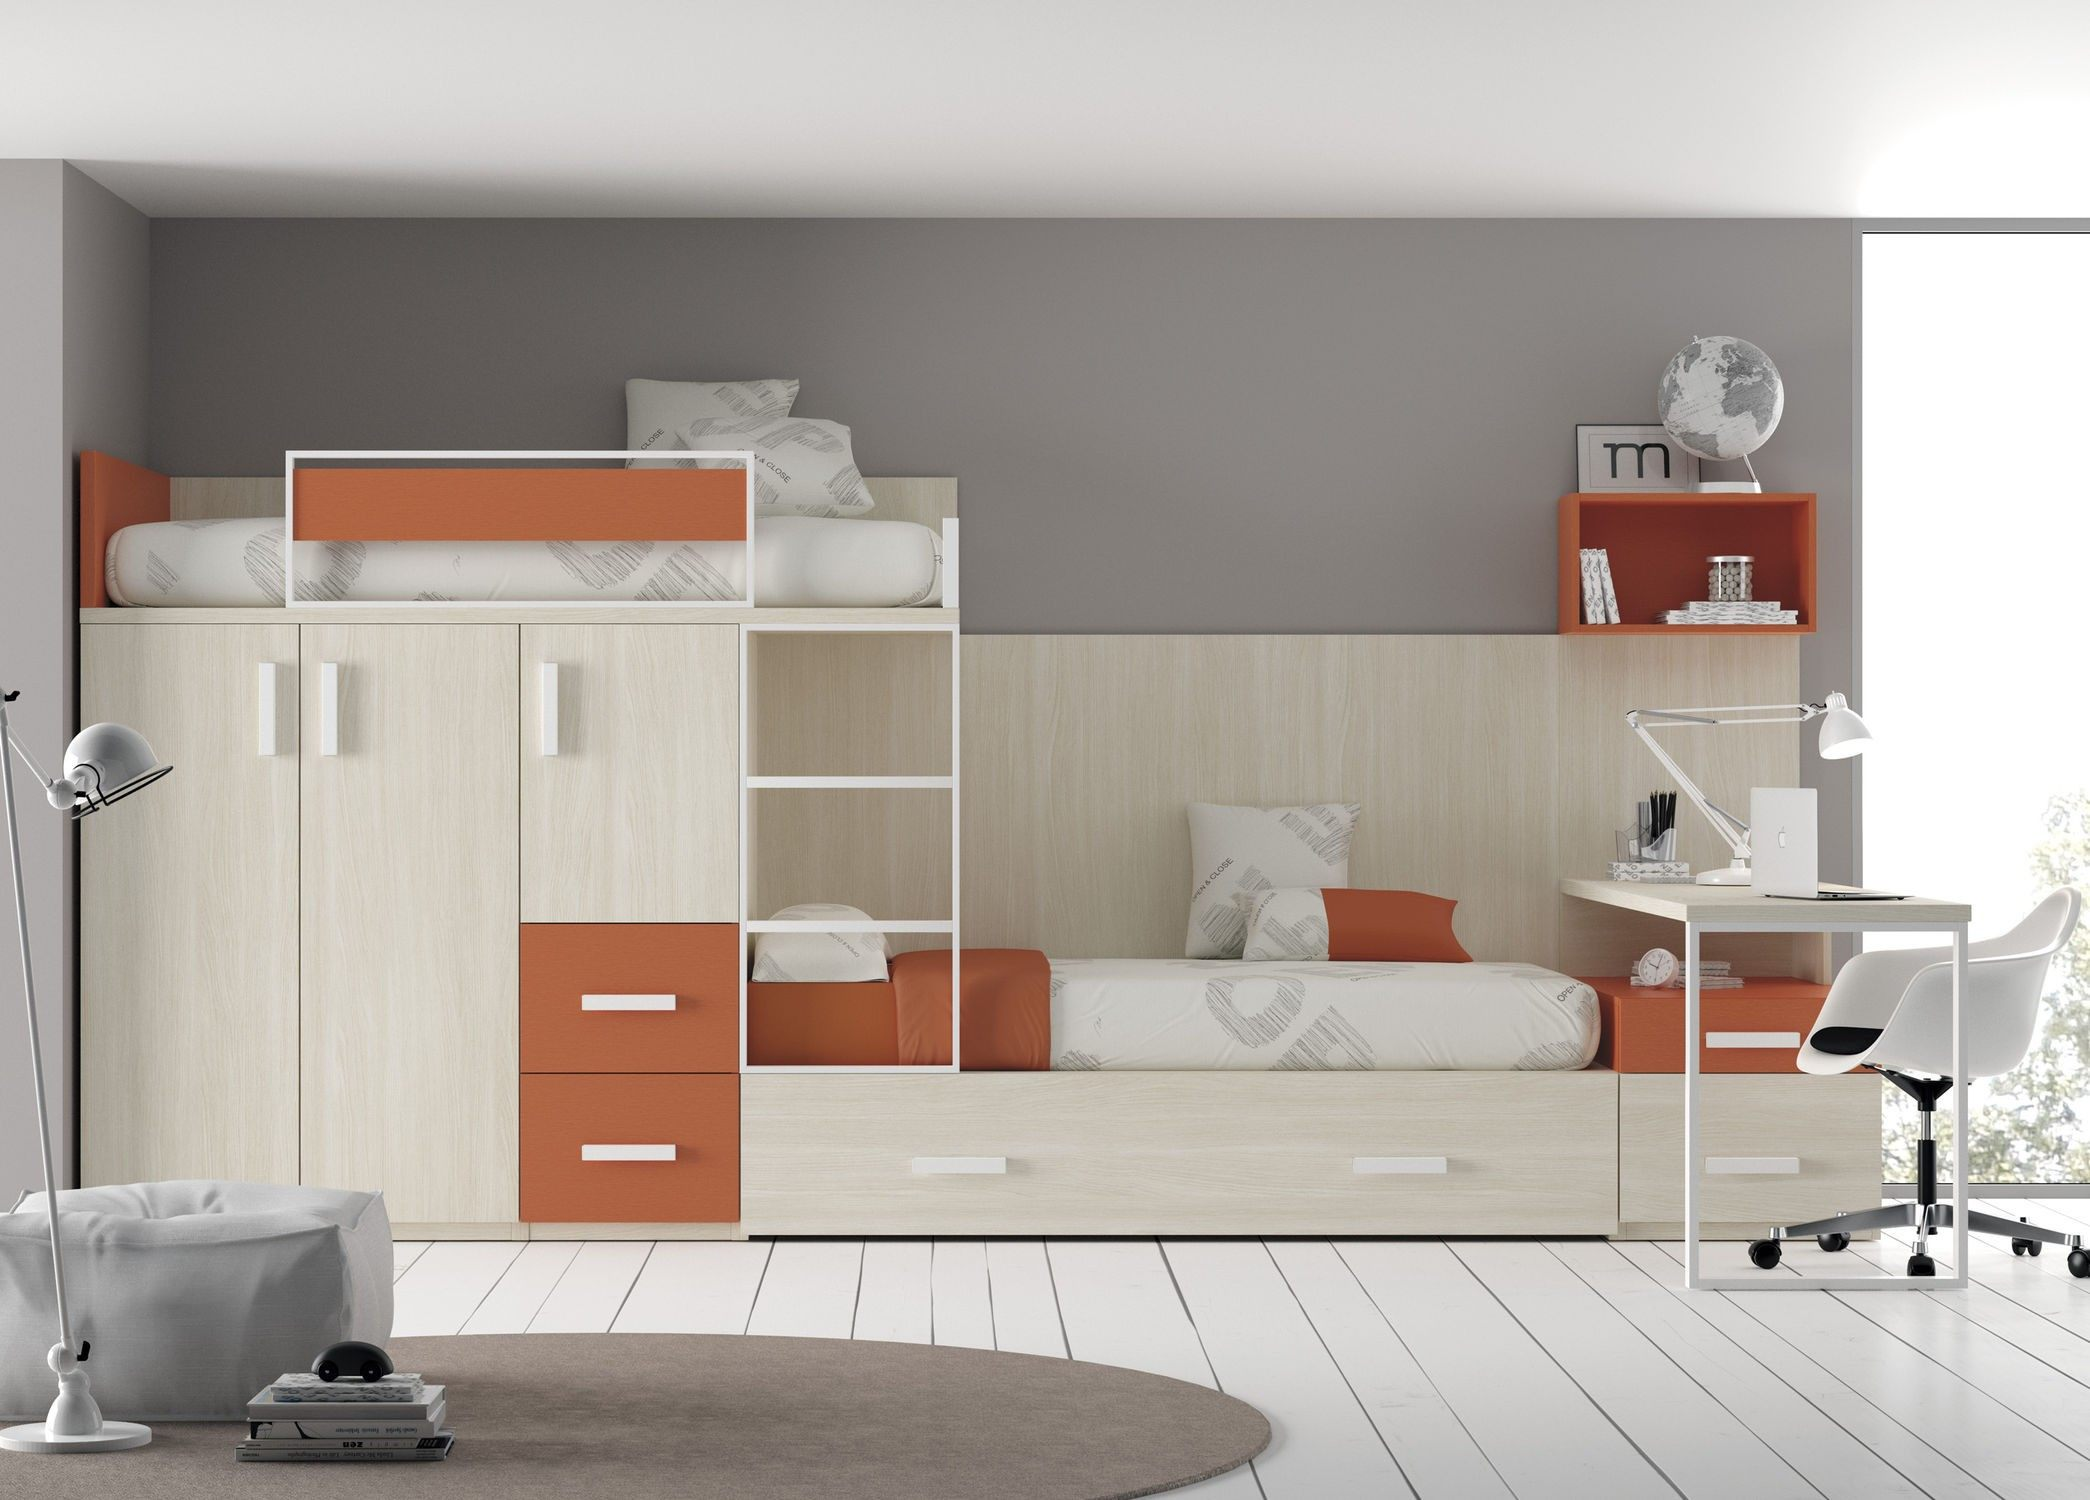 Ikea Canapé Lit Bel Juste Canapé Lit Superposé Et Ikea Canap Lit Ma17 Hemnes Lit